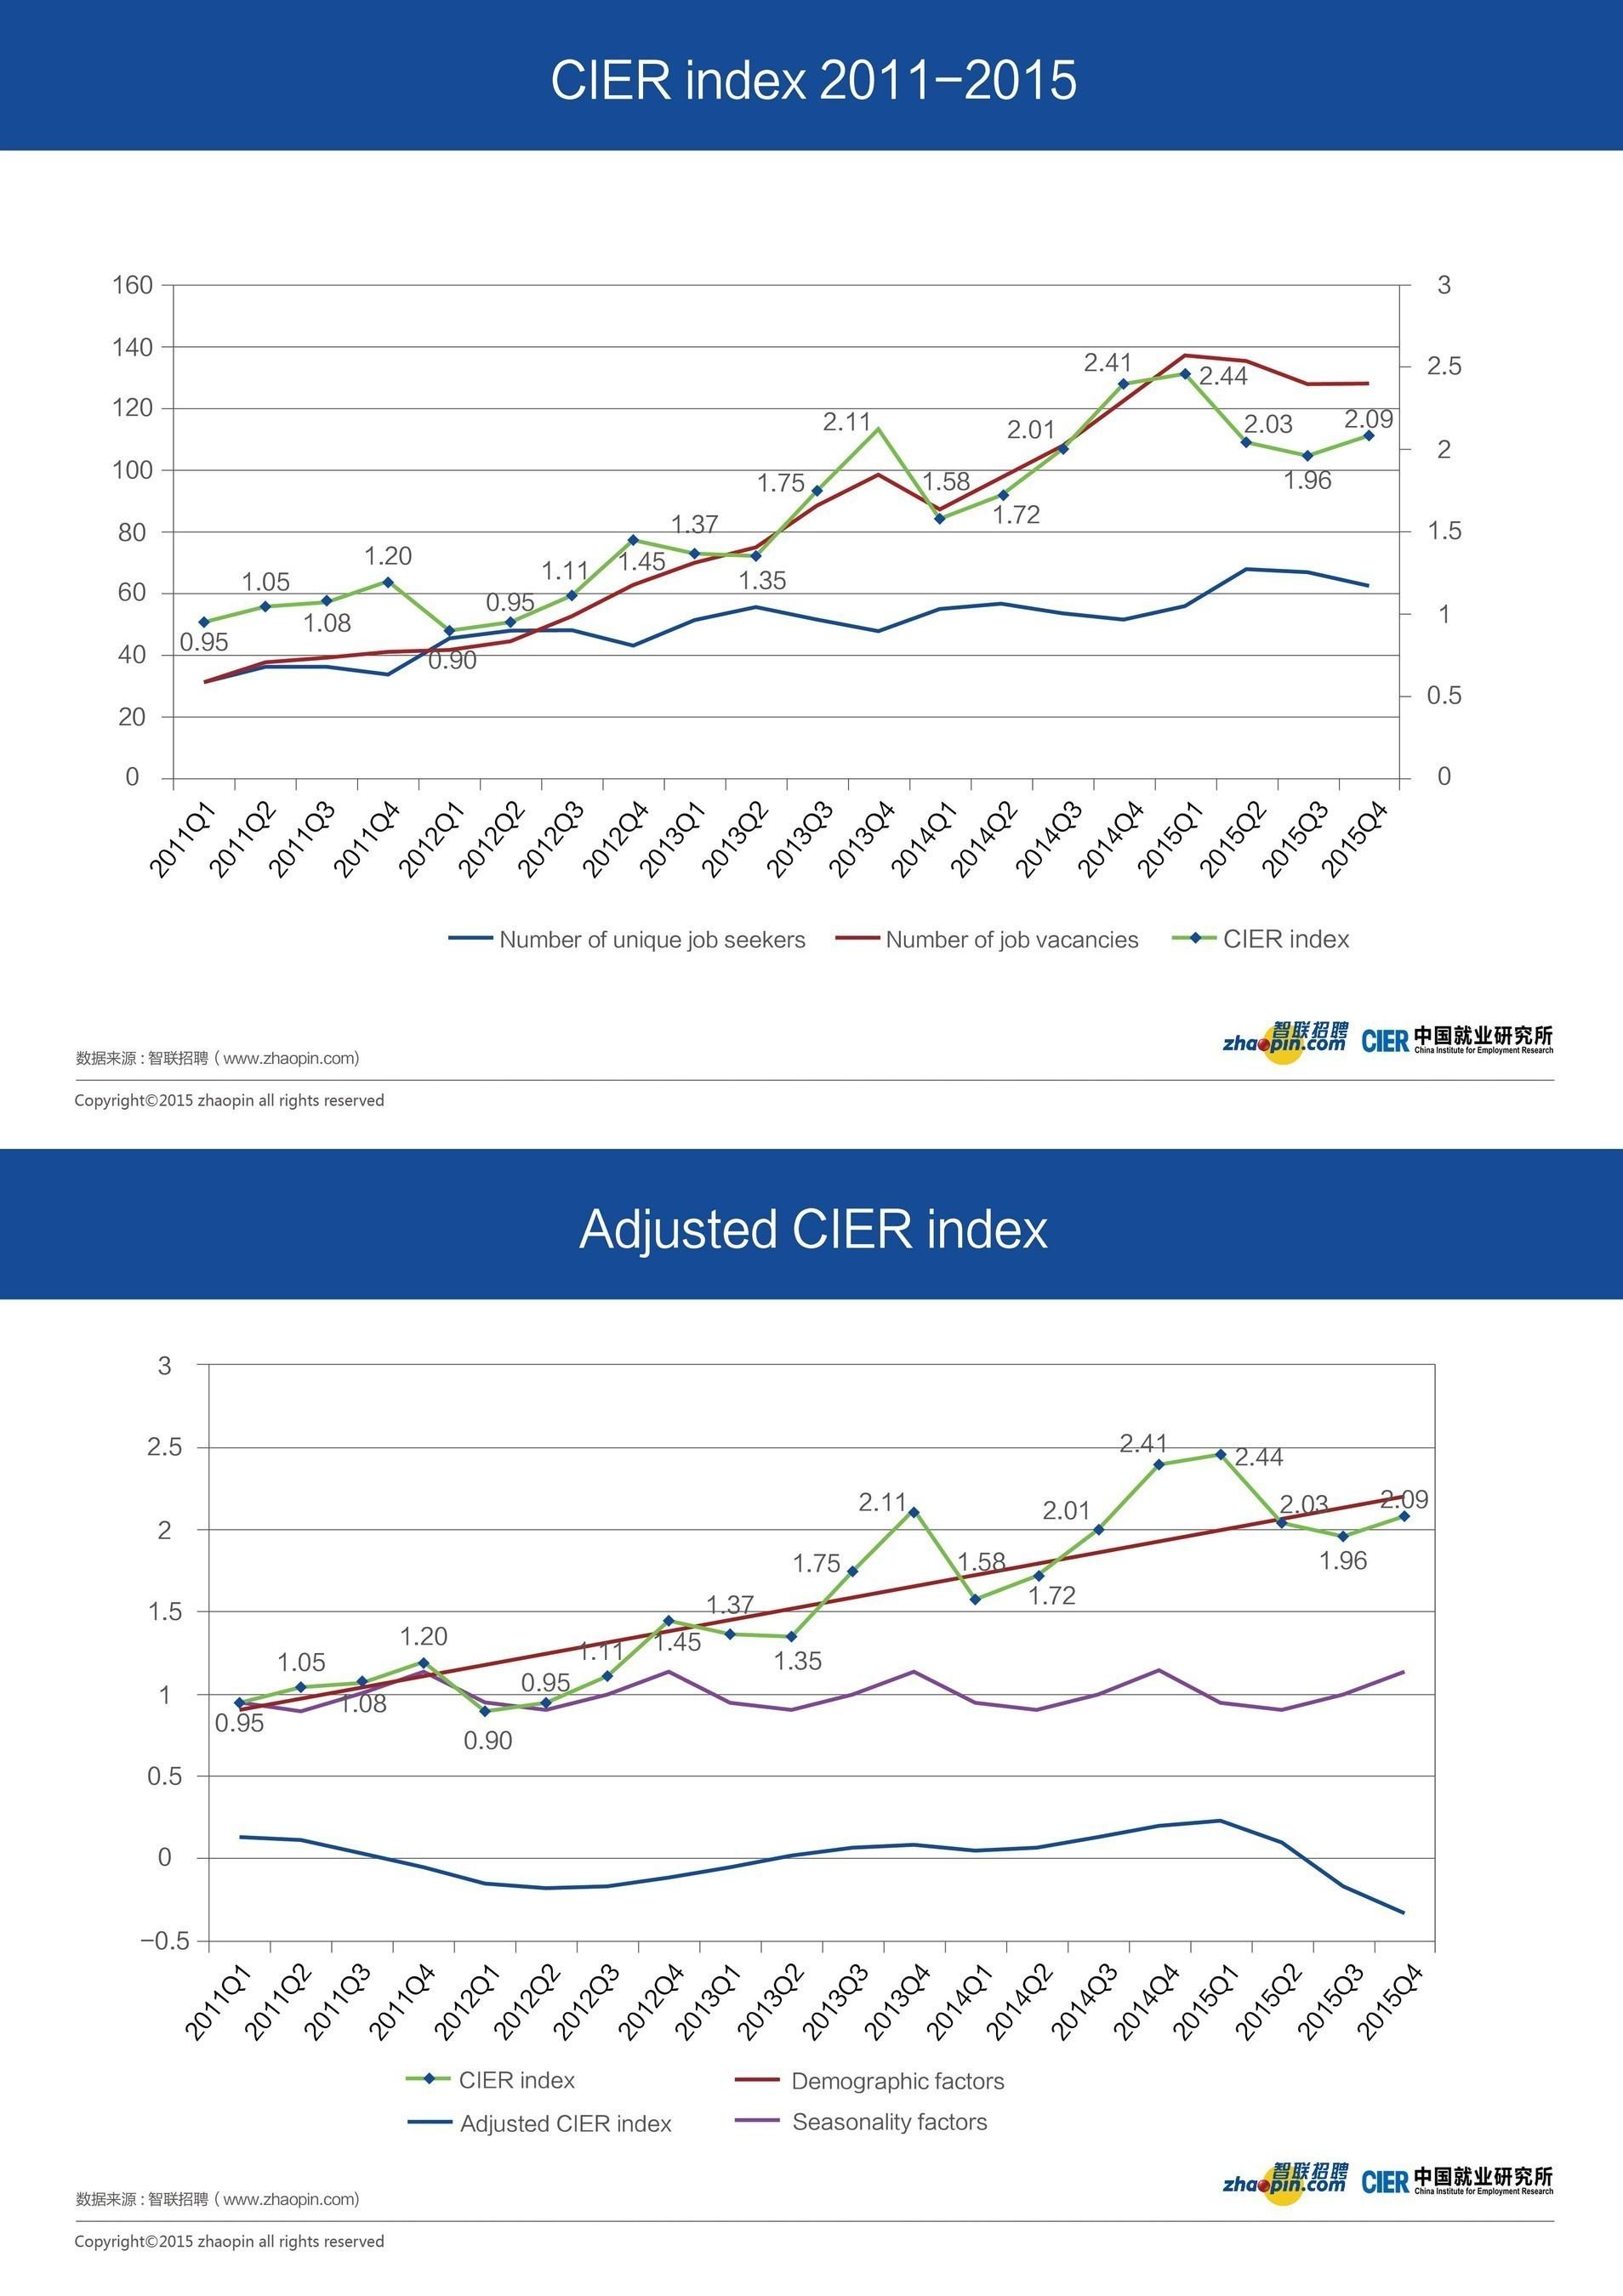 CIER index 2011-2015